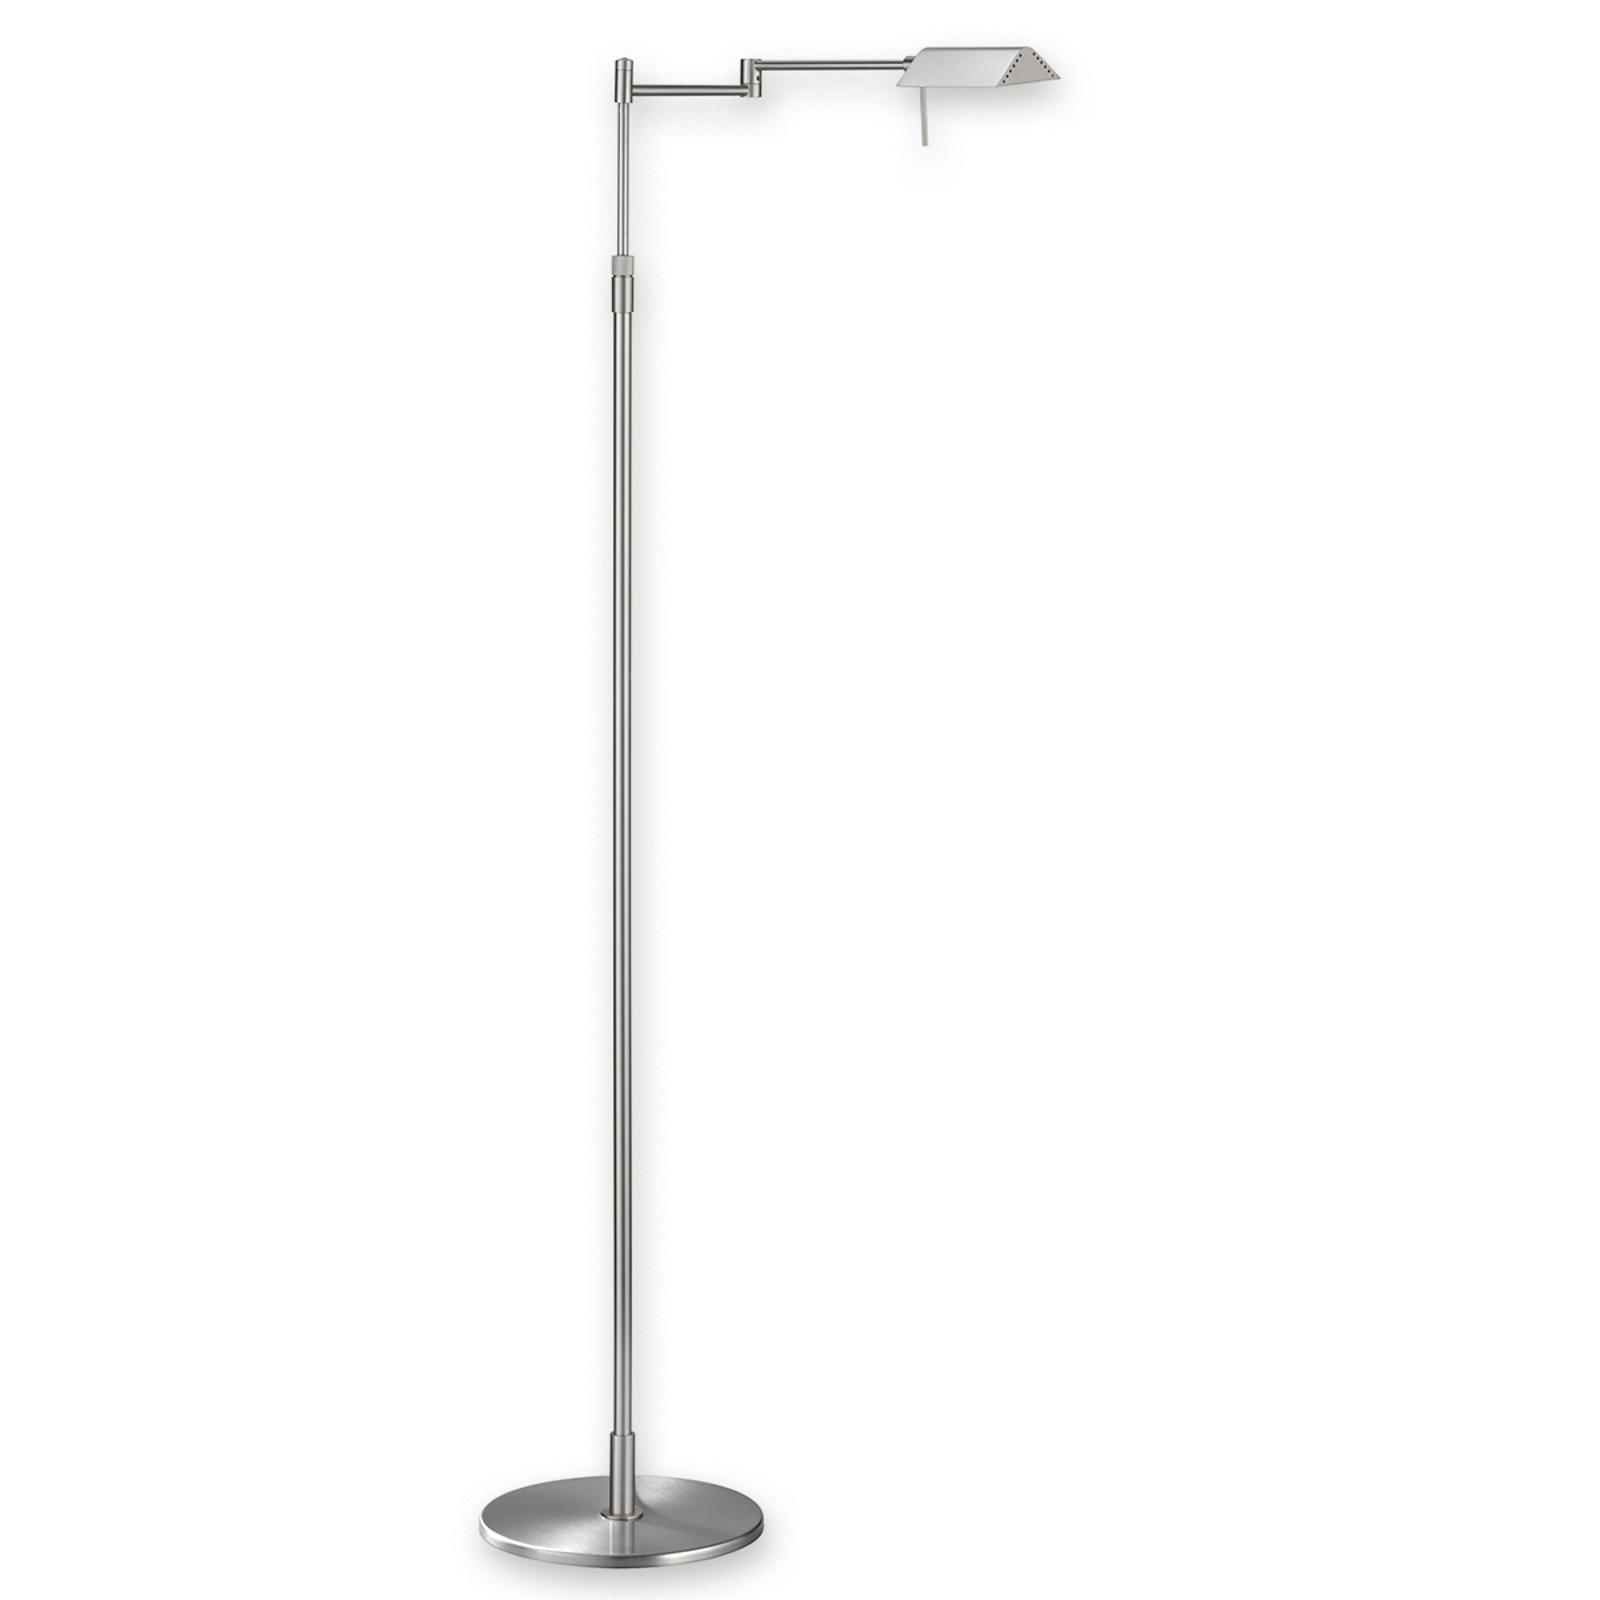 Wyszukana lampa stojąca LED FINN matowy nikiel